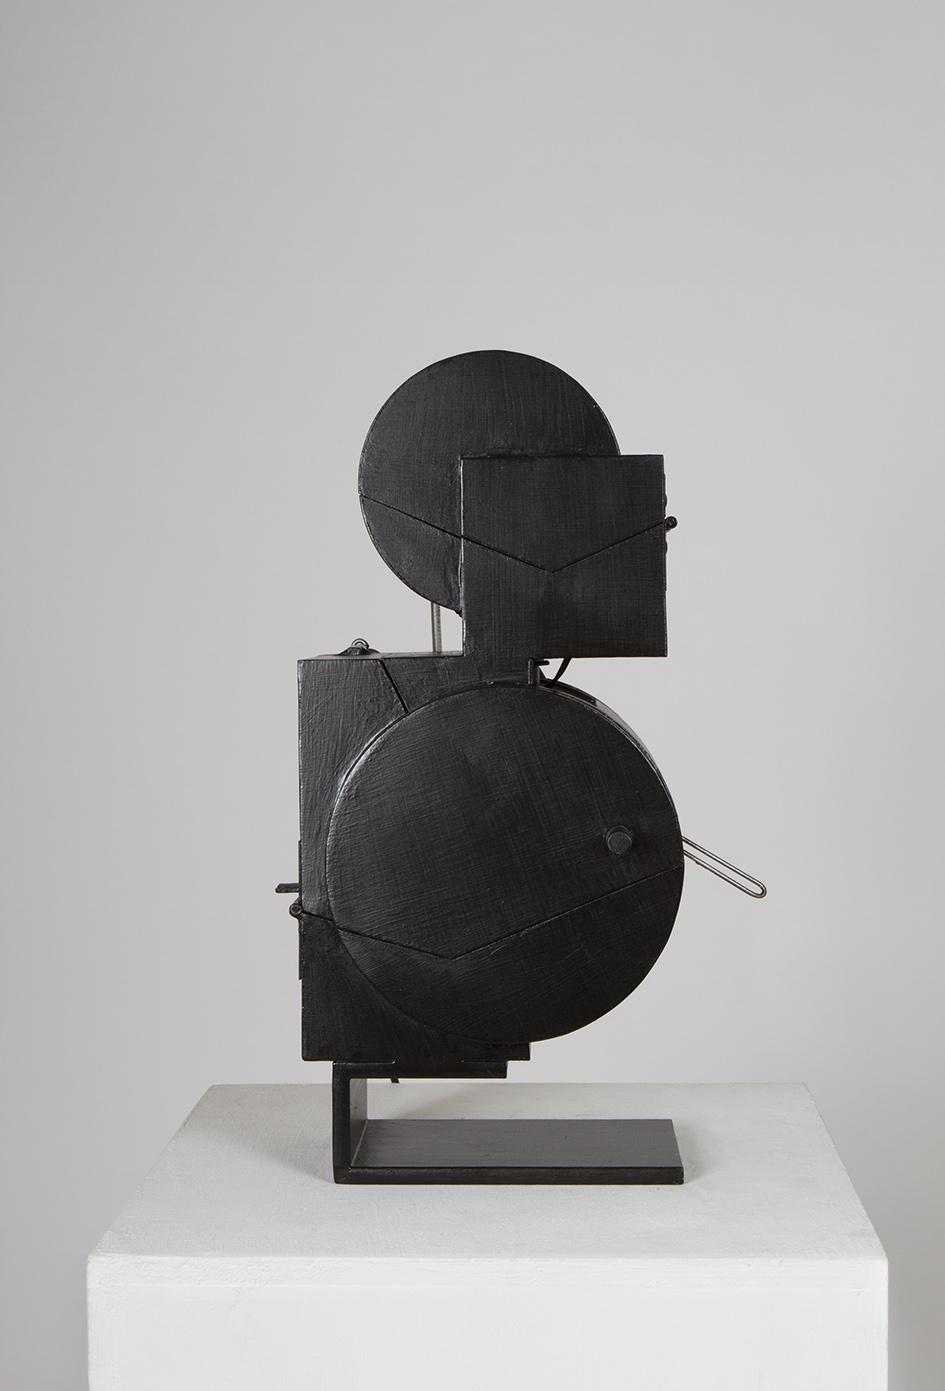 8*2 Noir (2017) H. 48cm Ouverte 56cm L. 22cm Ouverte 42cm P. 23cm